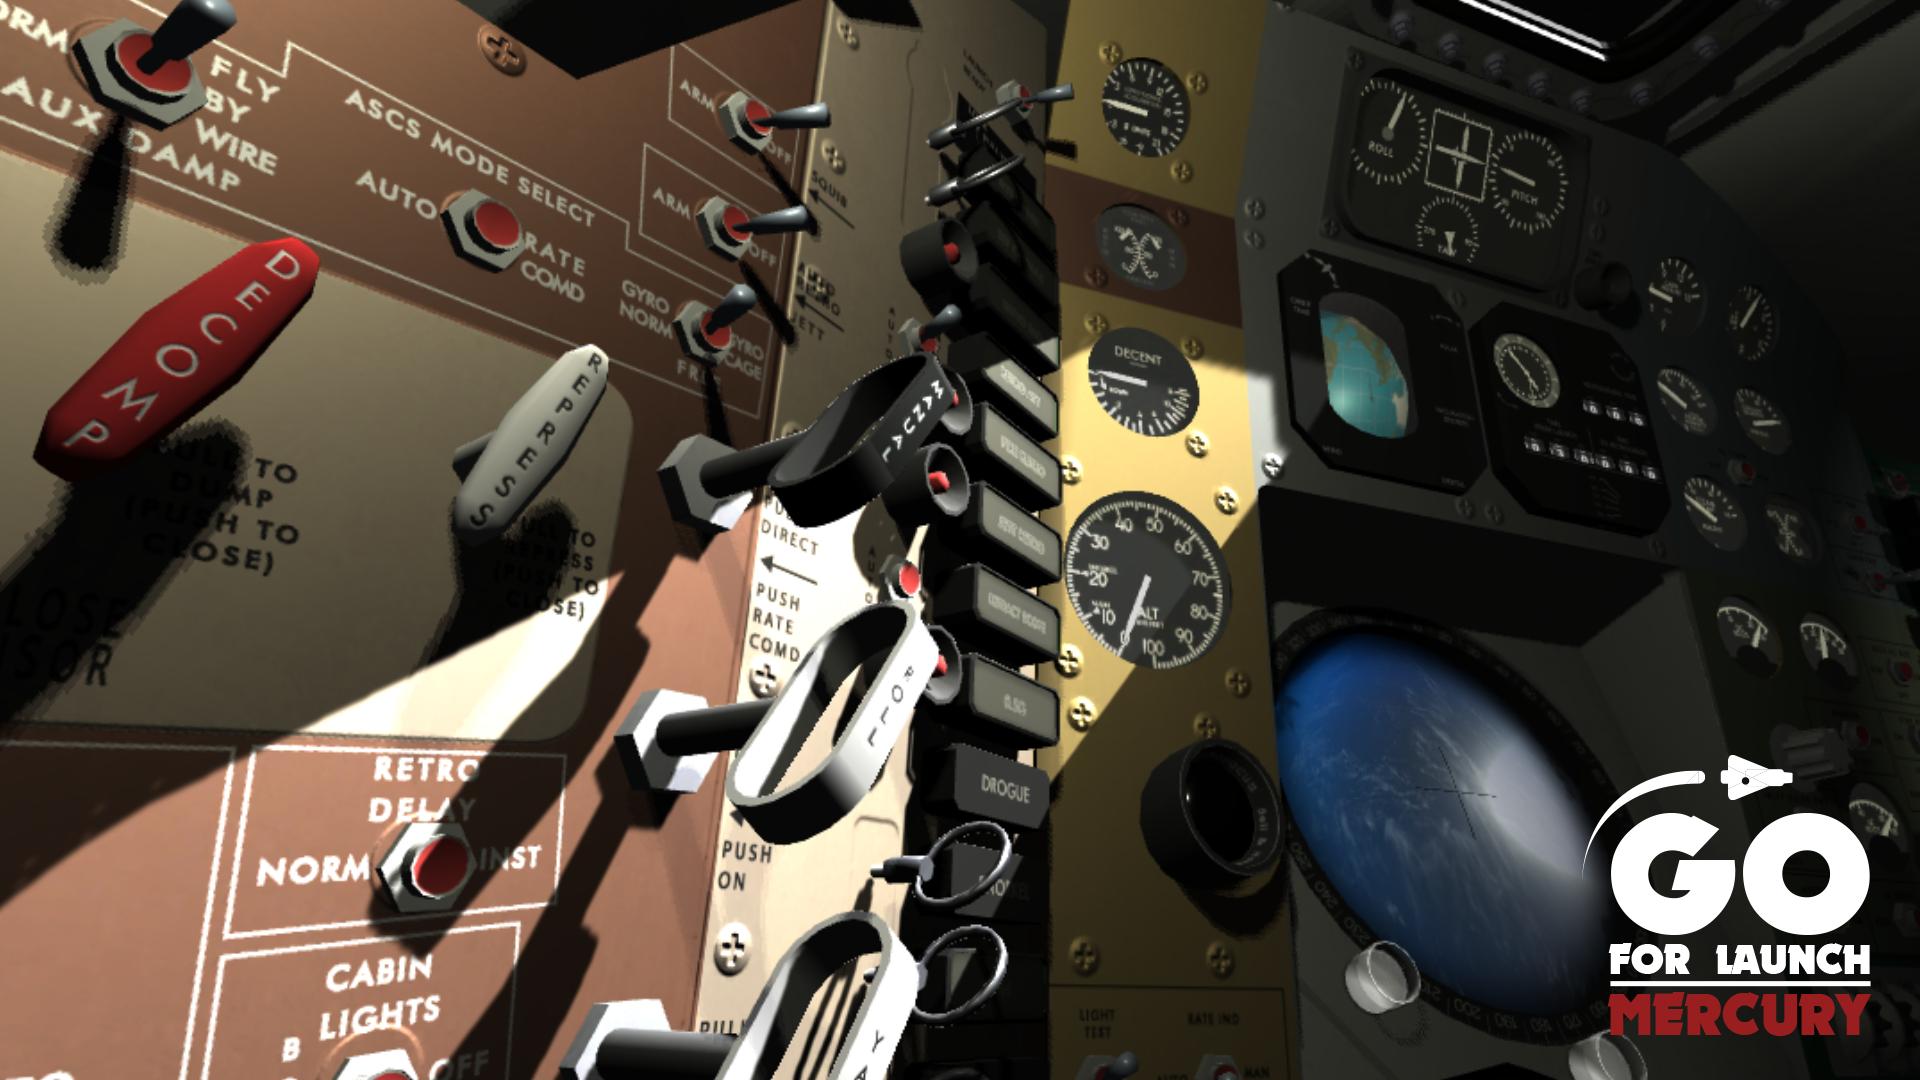 Friendship 7 Cockpit - Go For Launch Mercury